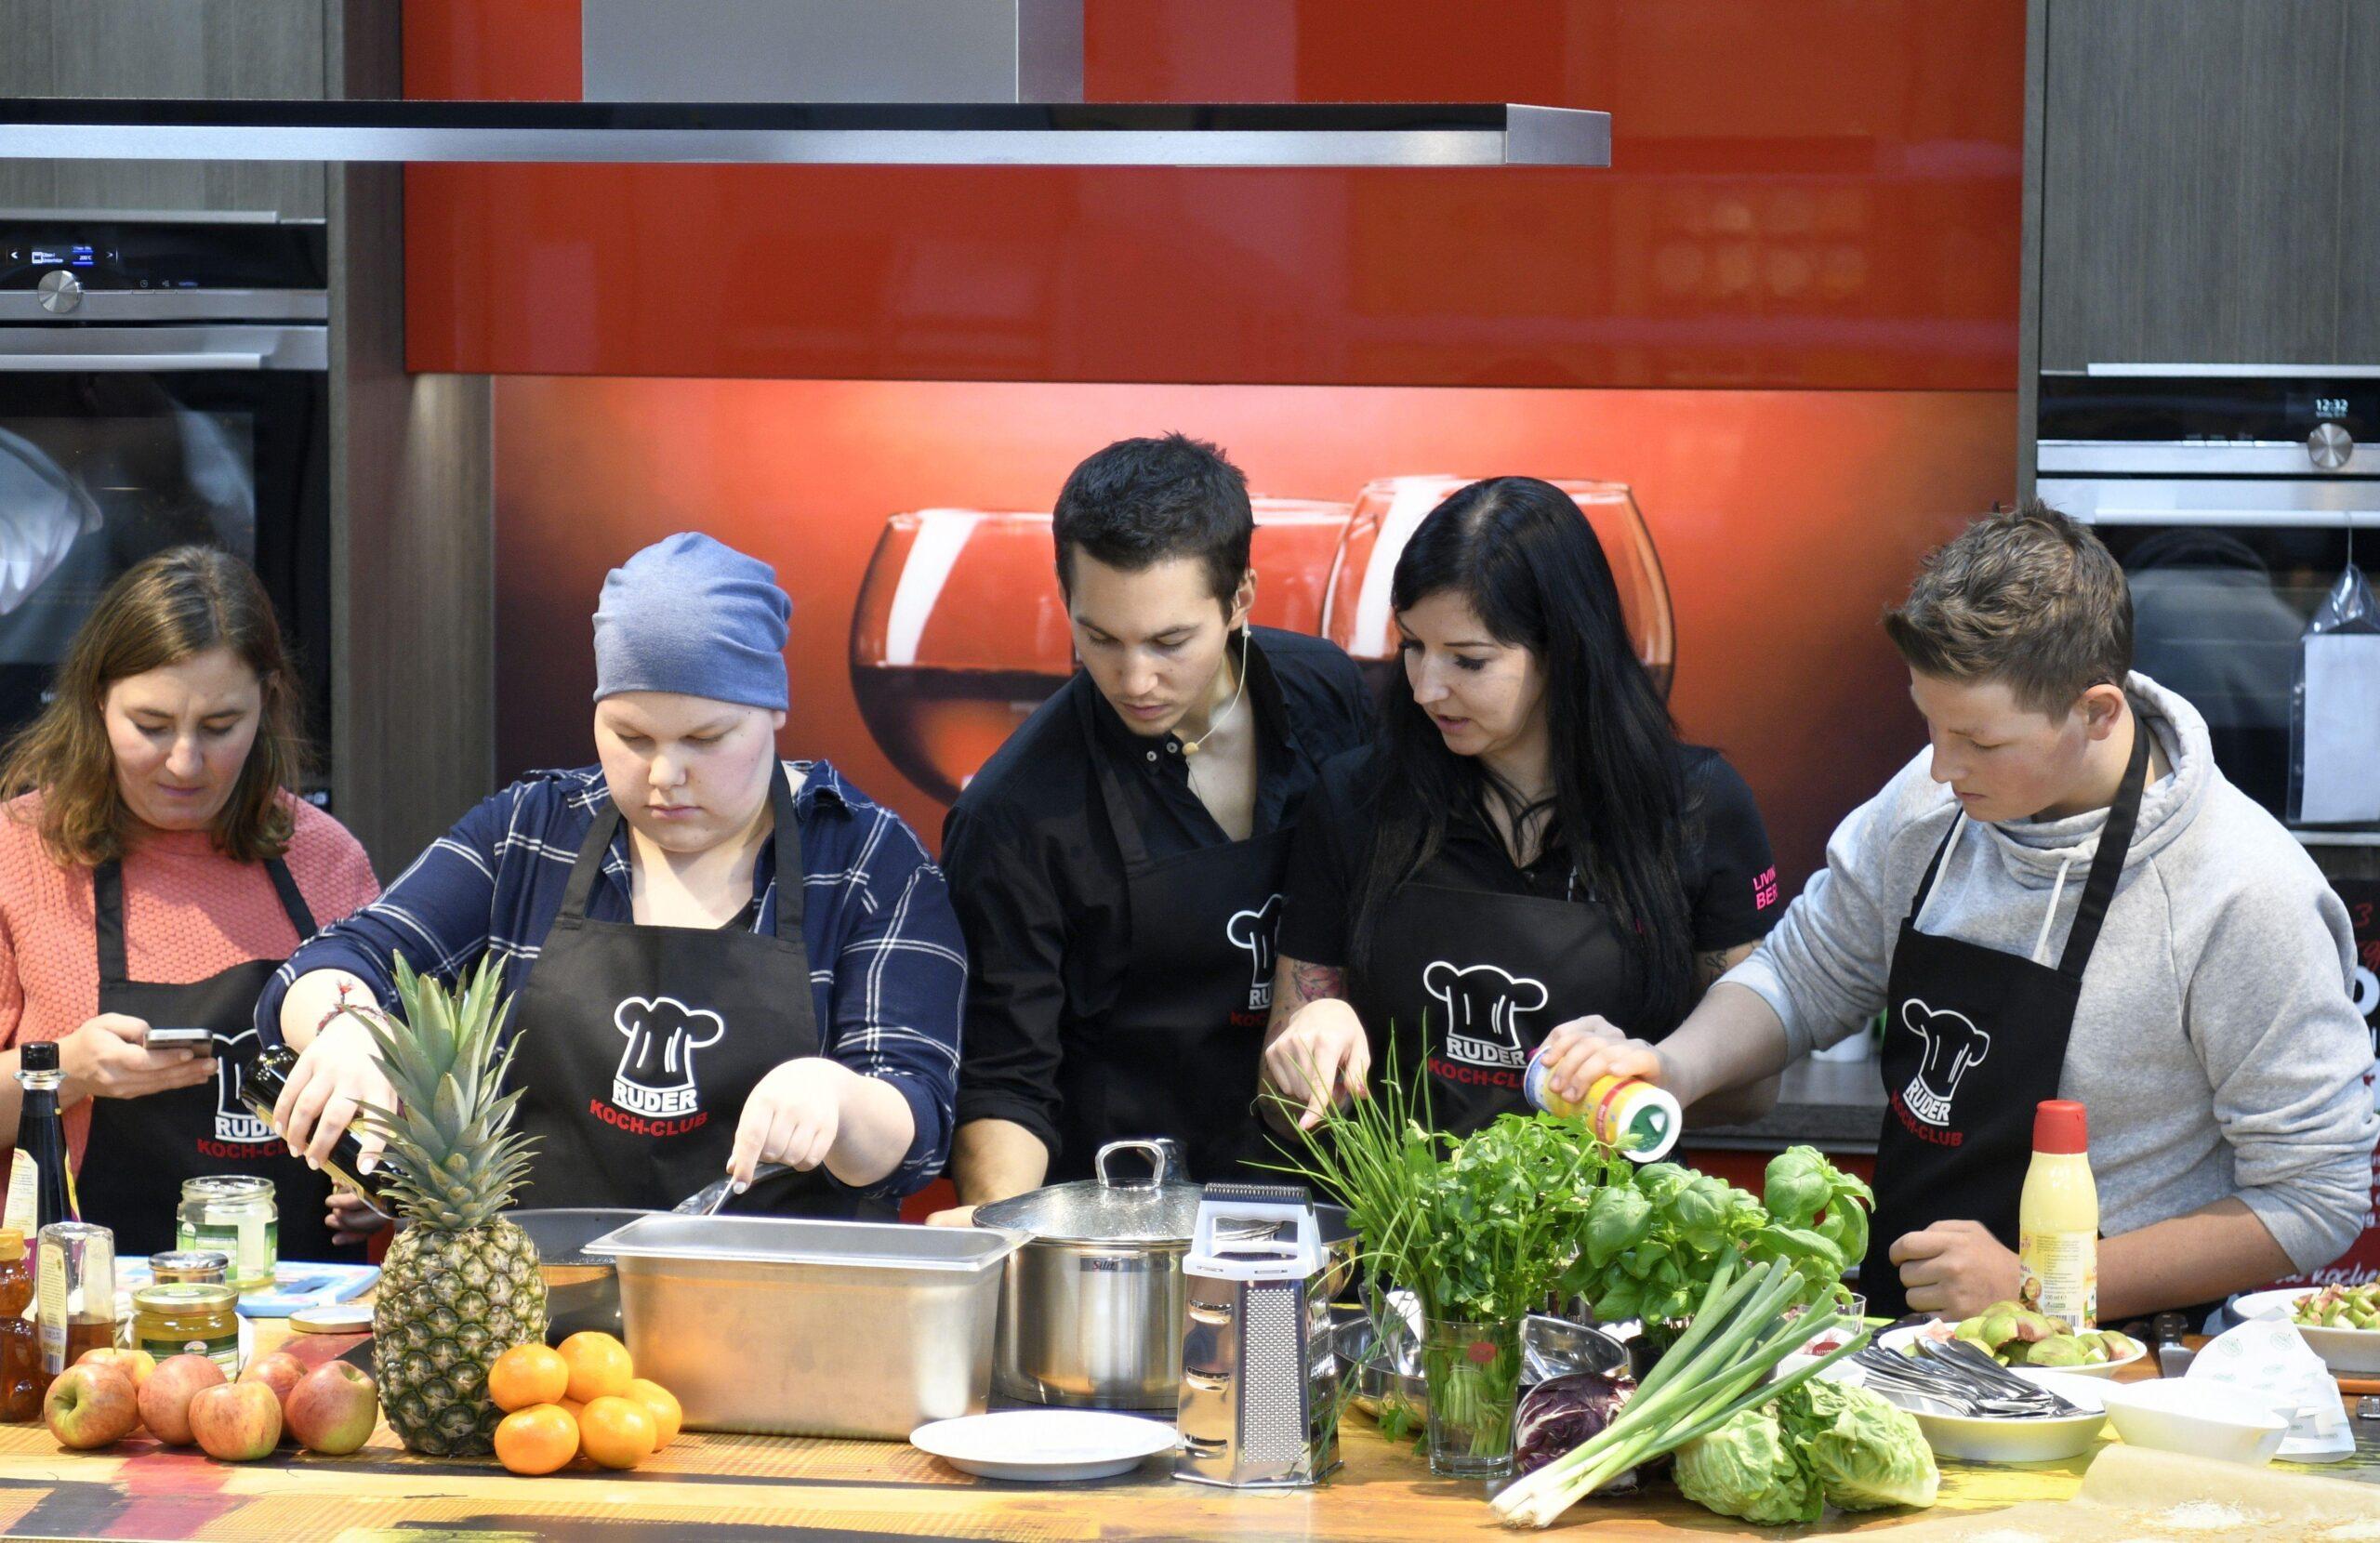 Promi-Kochevent bei Neueröffnung